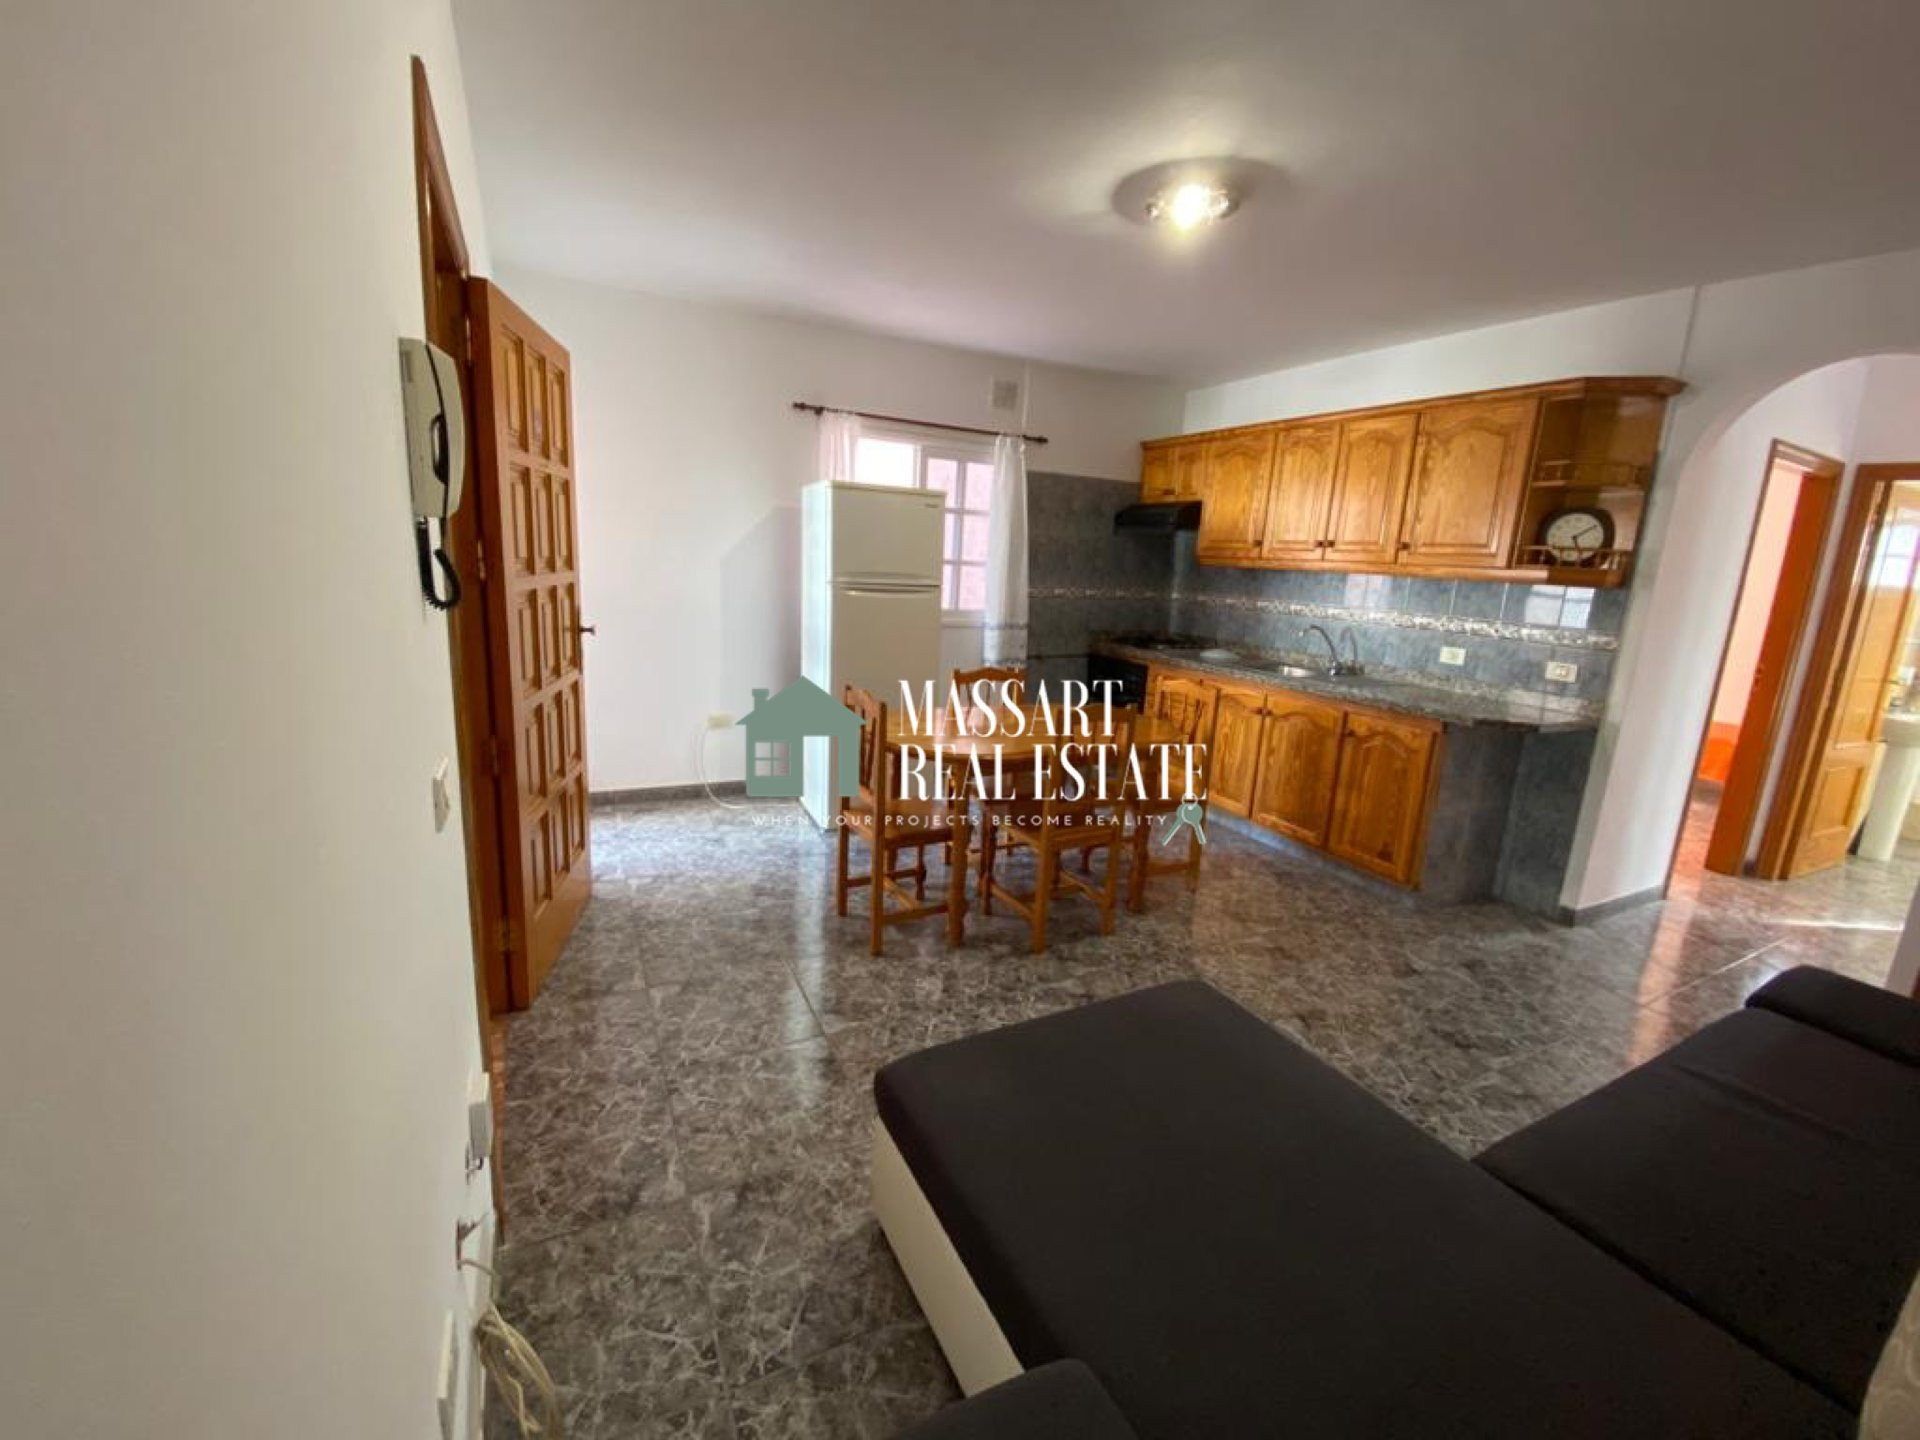 Te huur in Guaza (Arona), appartement van ongeveer 80 m2 volledig gemeubileerd en onlangs gerenoveerd ... ideaal om te genieten van een rustig leven.